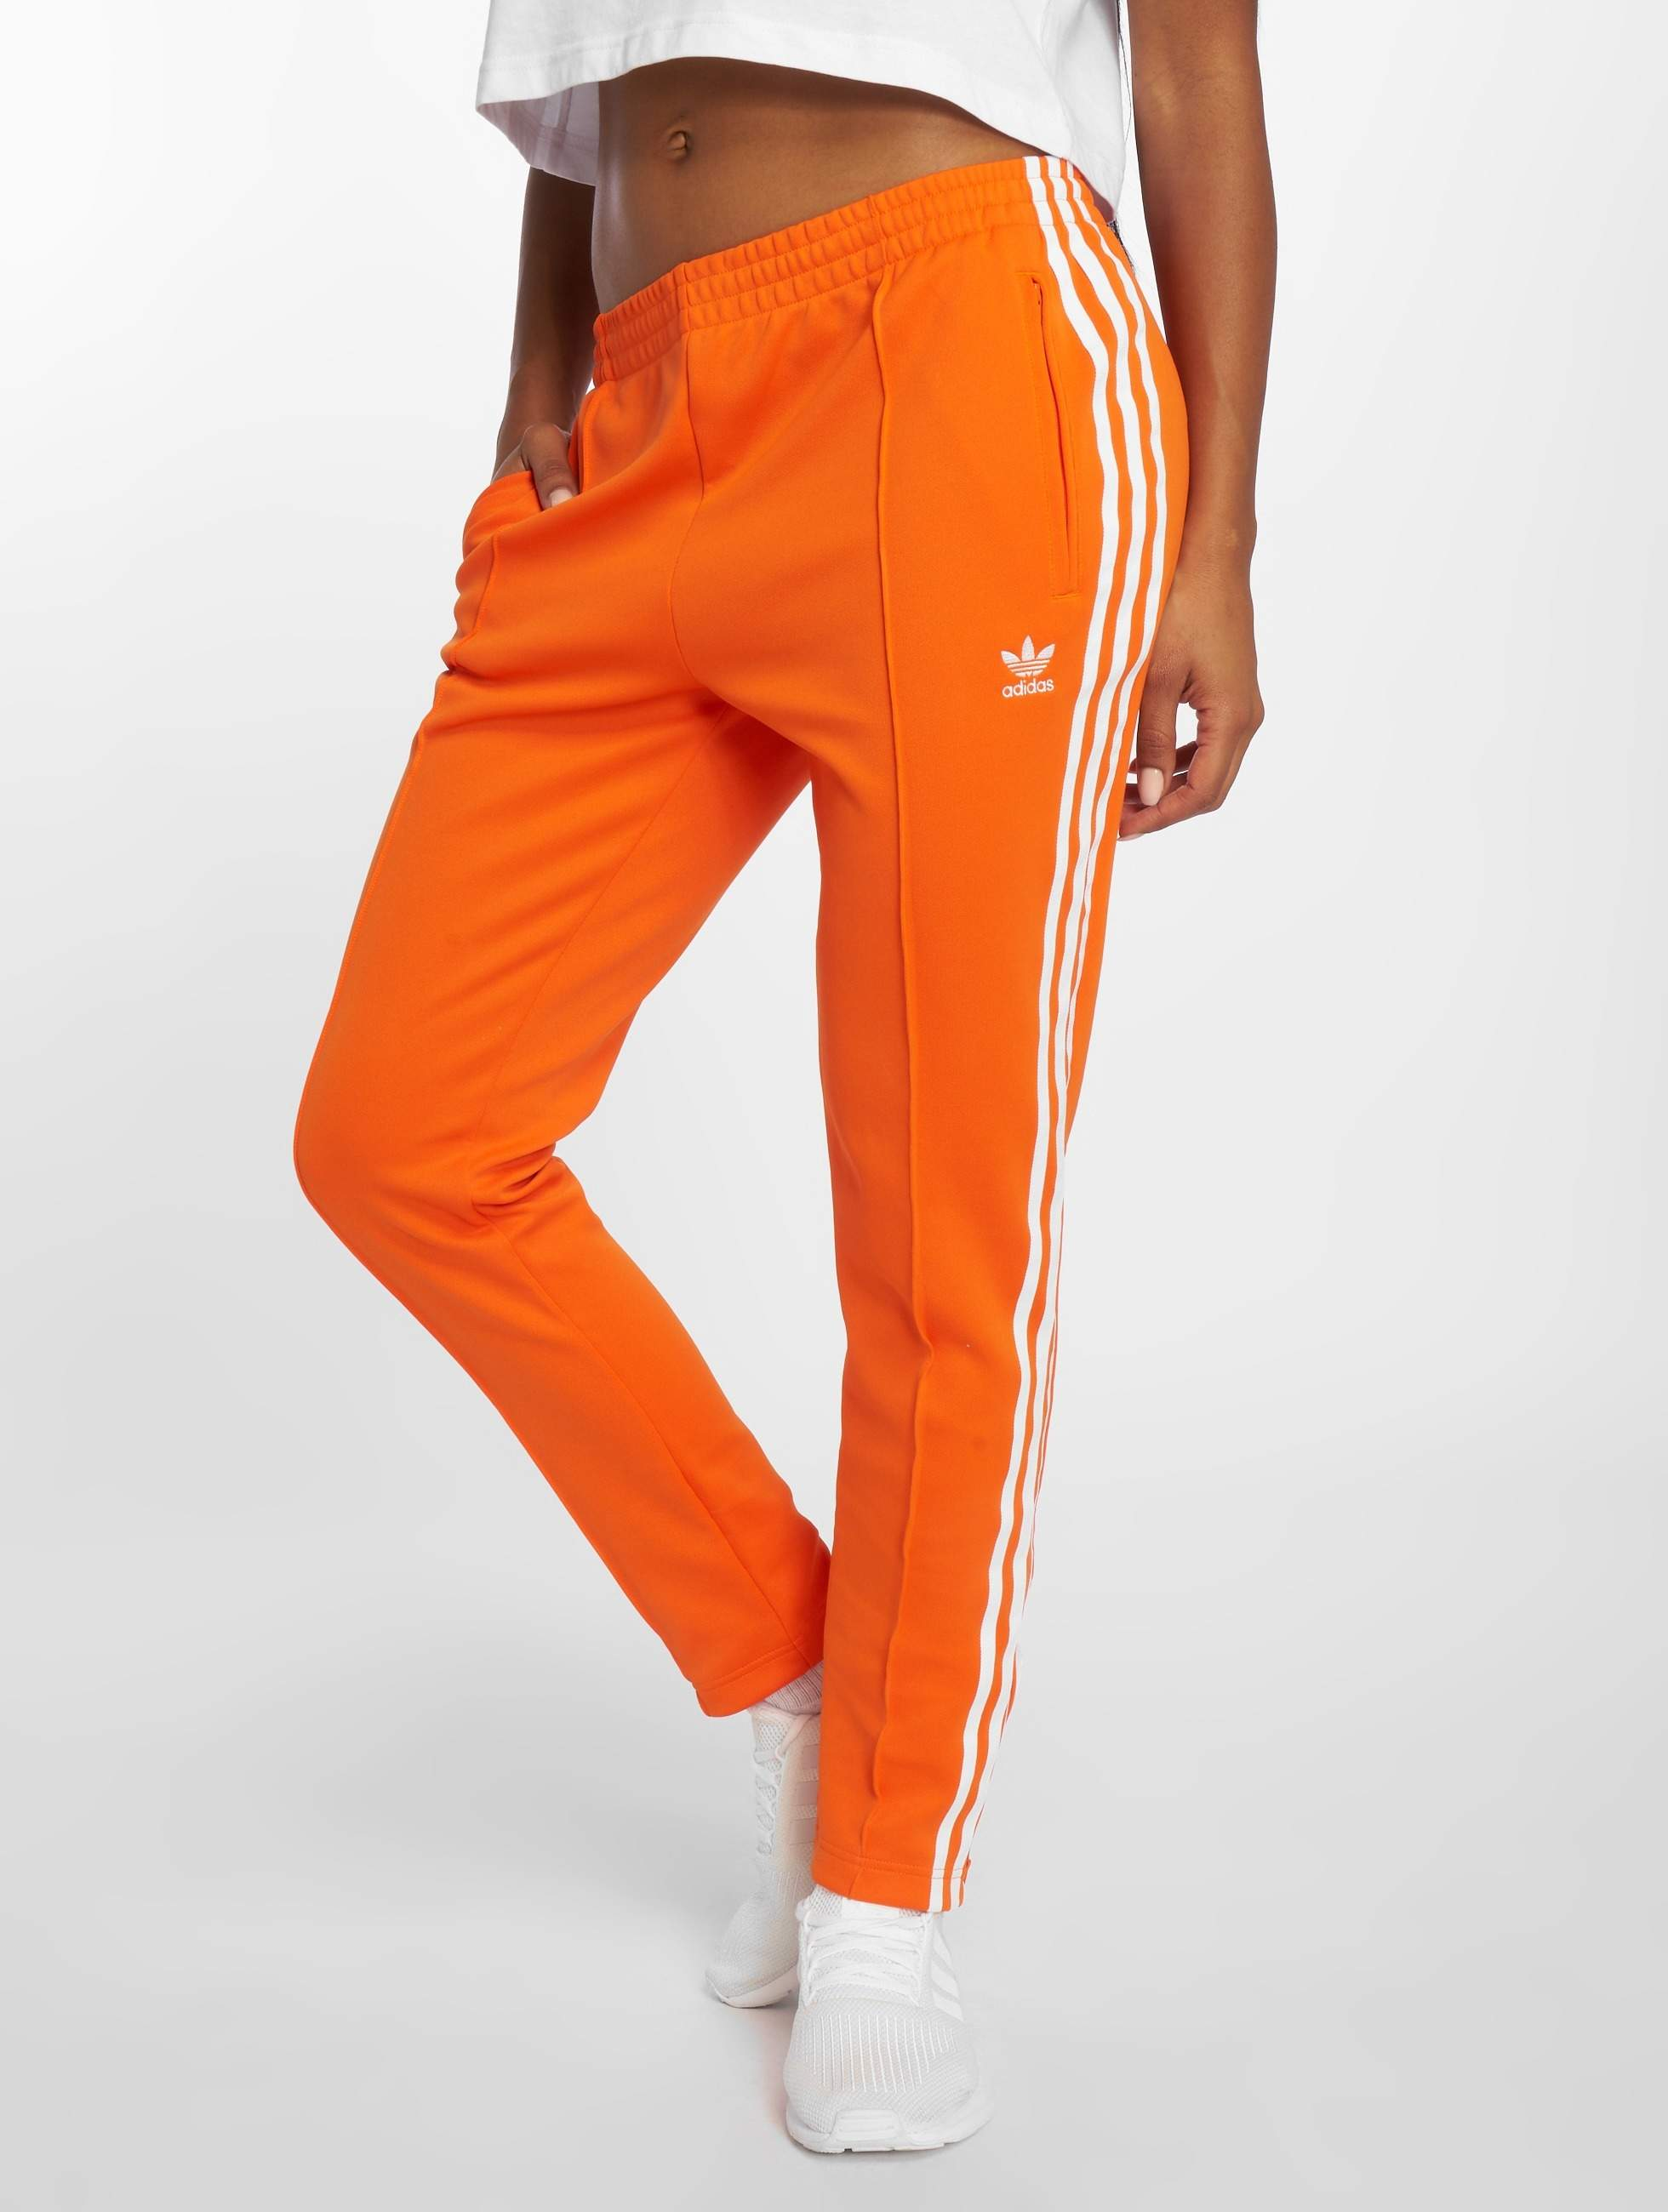 0f990d5b41 Sst Jogging Femme Originals amp; Ebay Adidas Tp Pantalons Shorts XwqTY